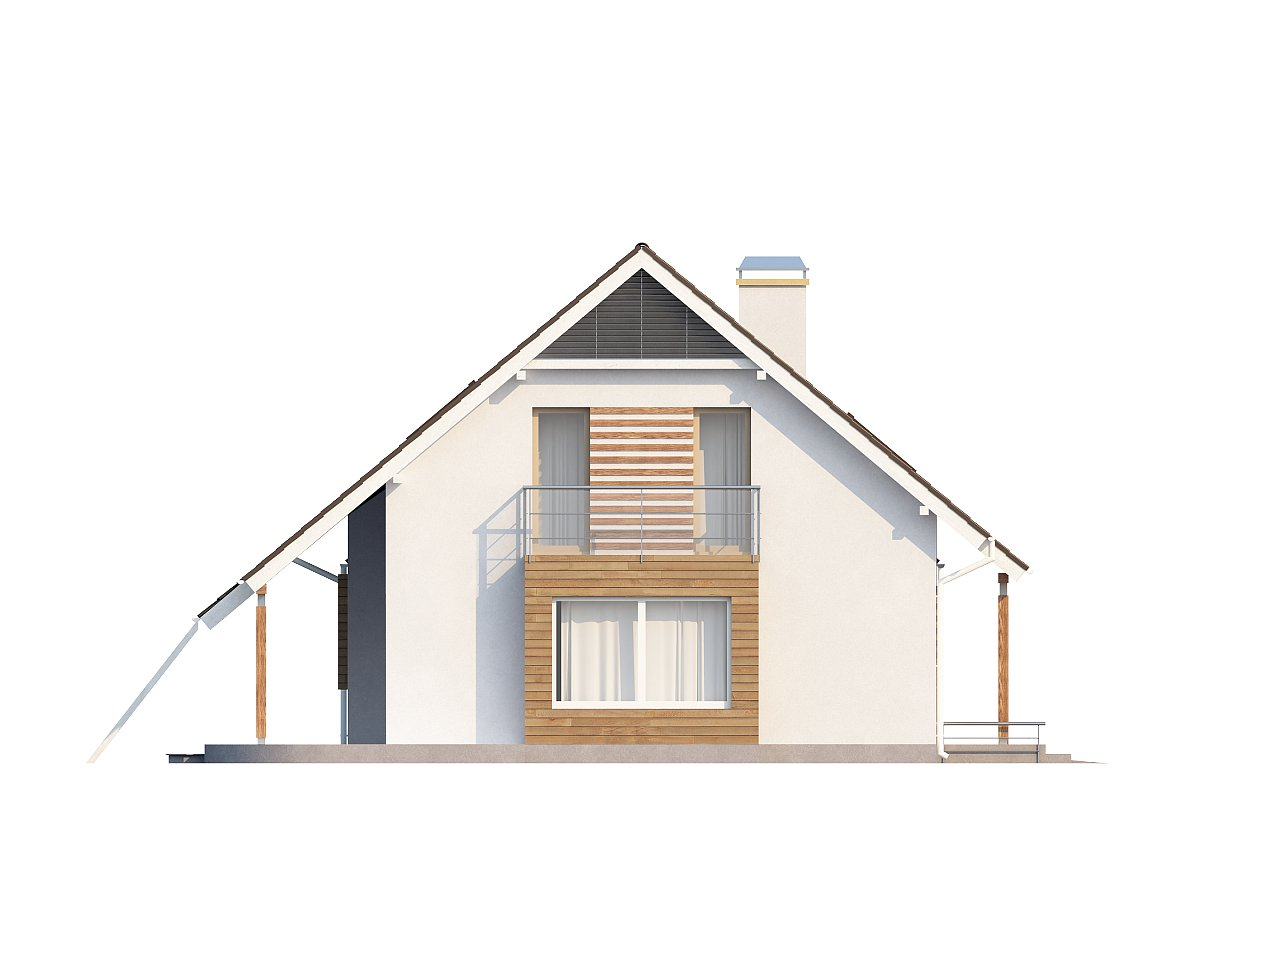 Проект просторного функционального дома с мансардой, гаражом для одной машины и дополнительной спальней на первом этаже. 5